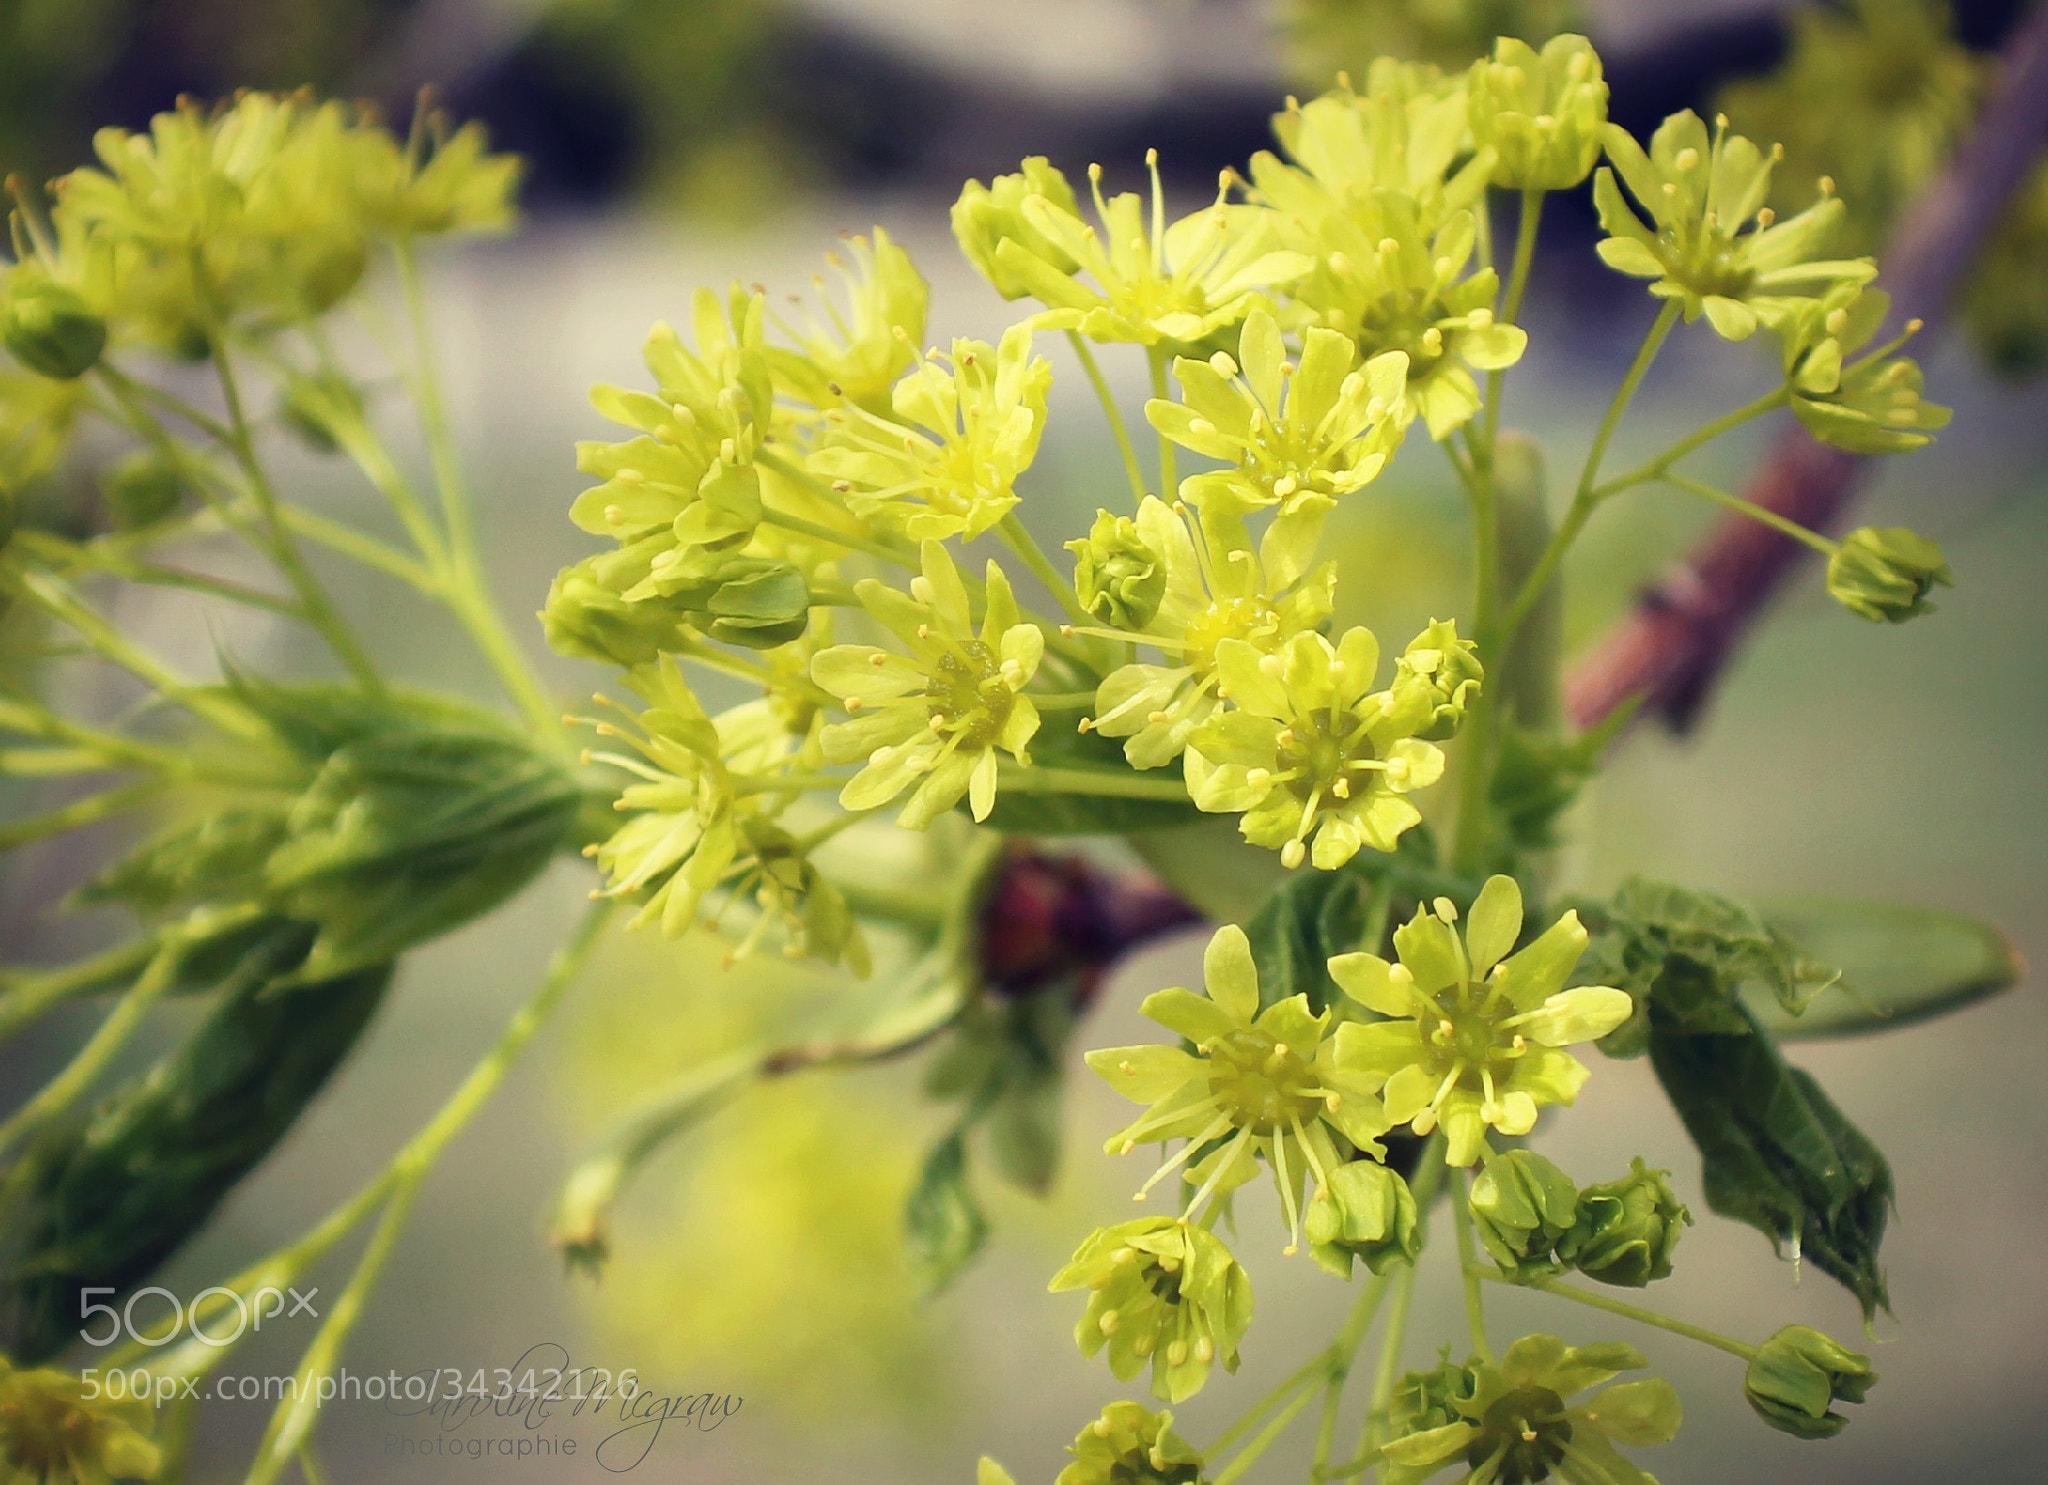 Photograph la beaute du printemps by Caroline Mcgraw on 500px